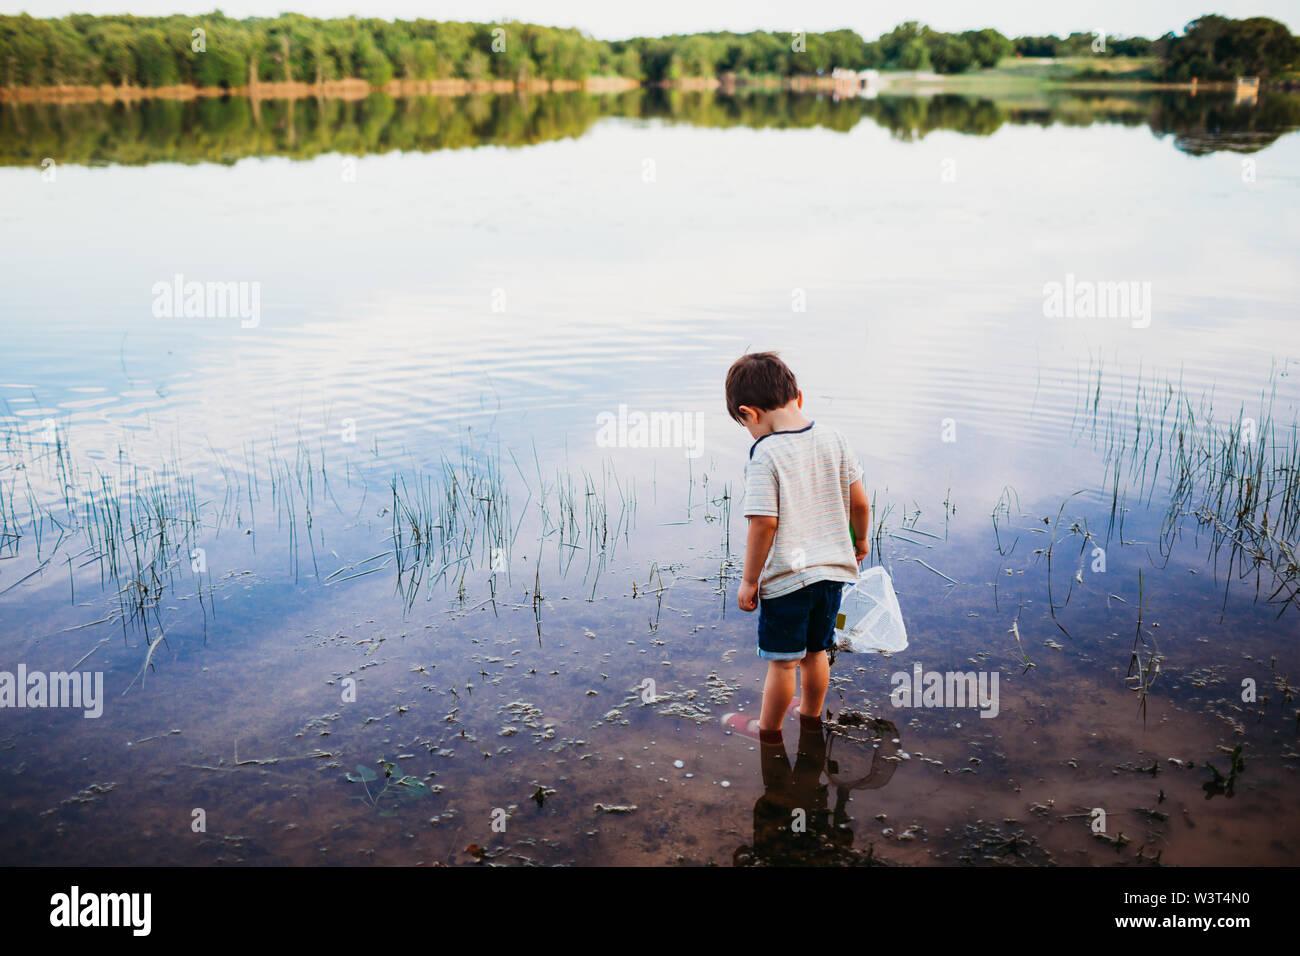 Jeune garçon debout dans le lac Seul à pêcher Banque D'Images